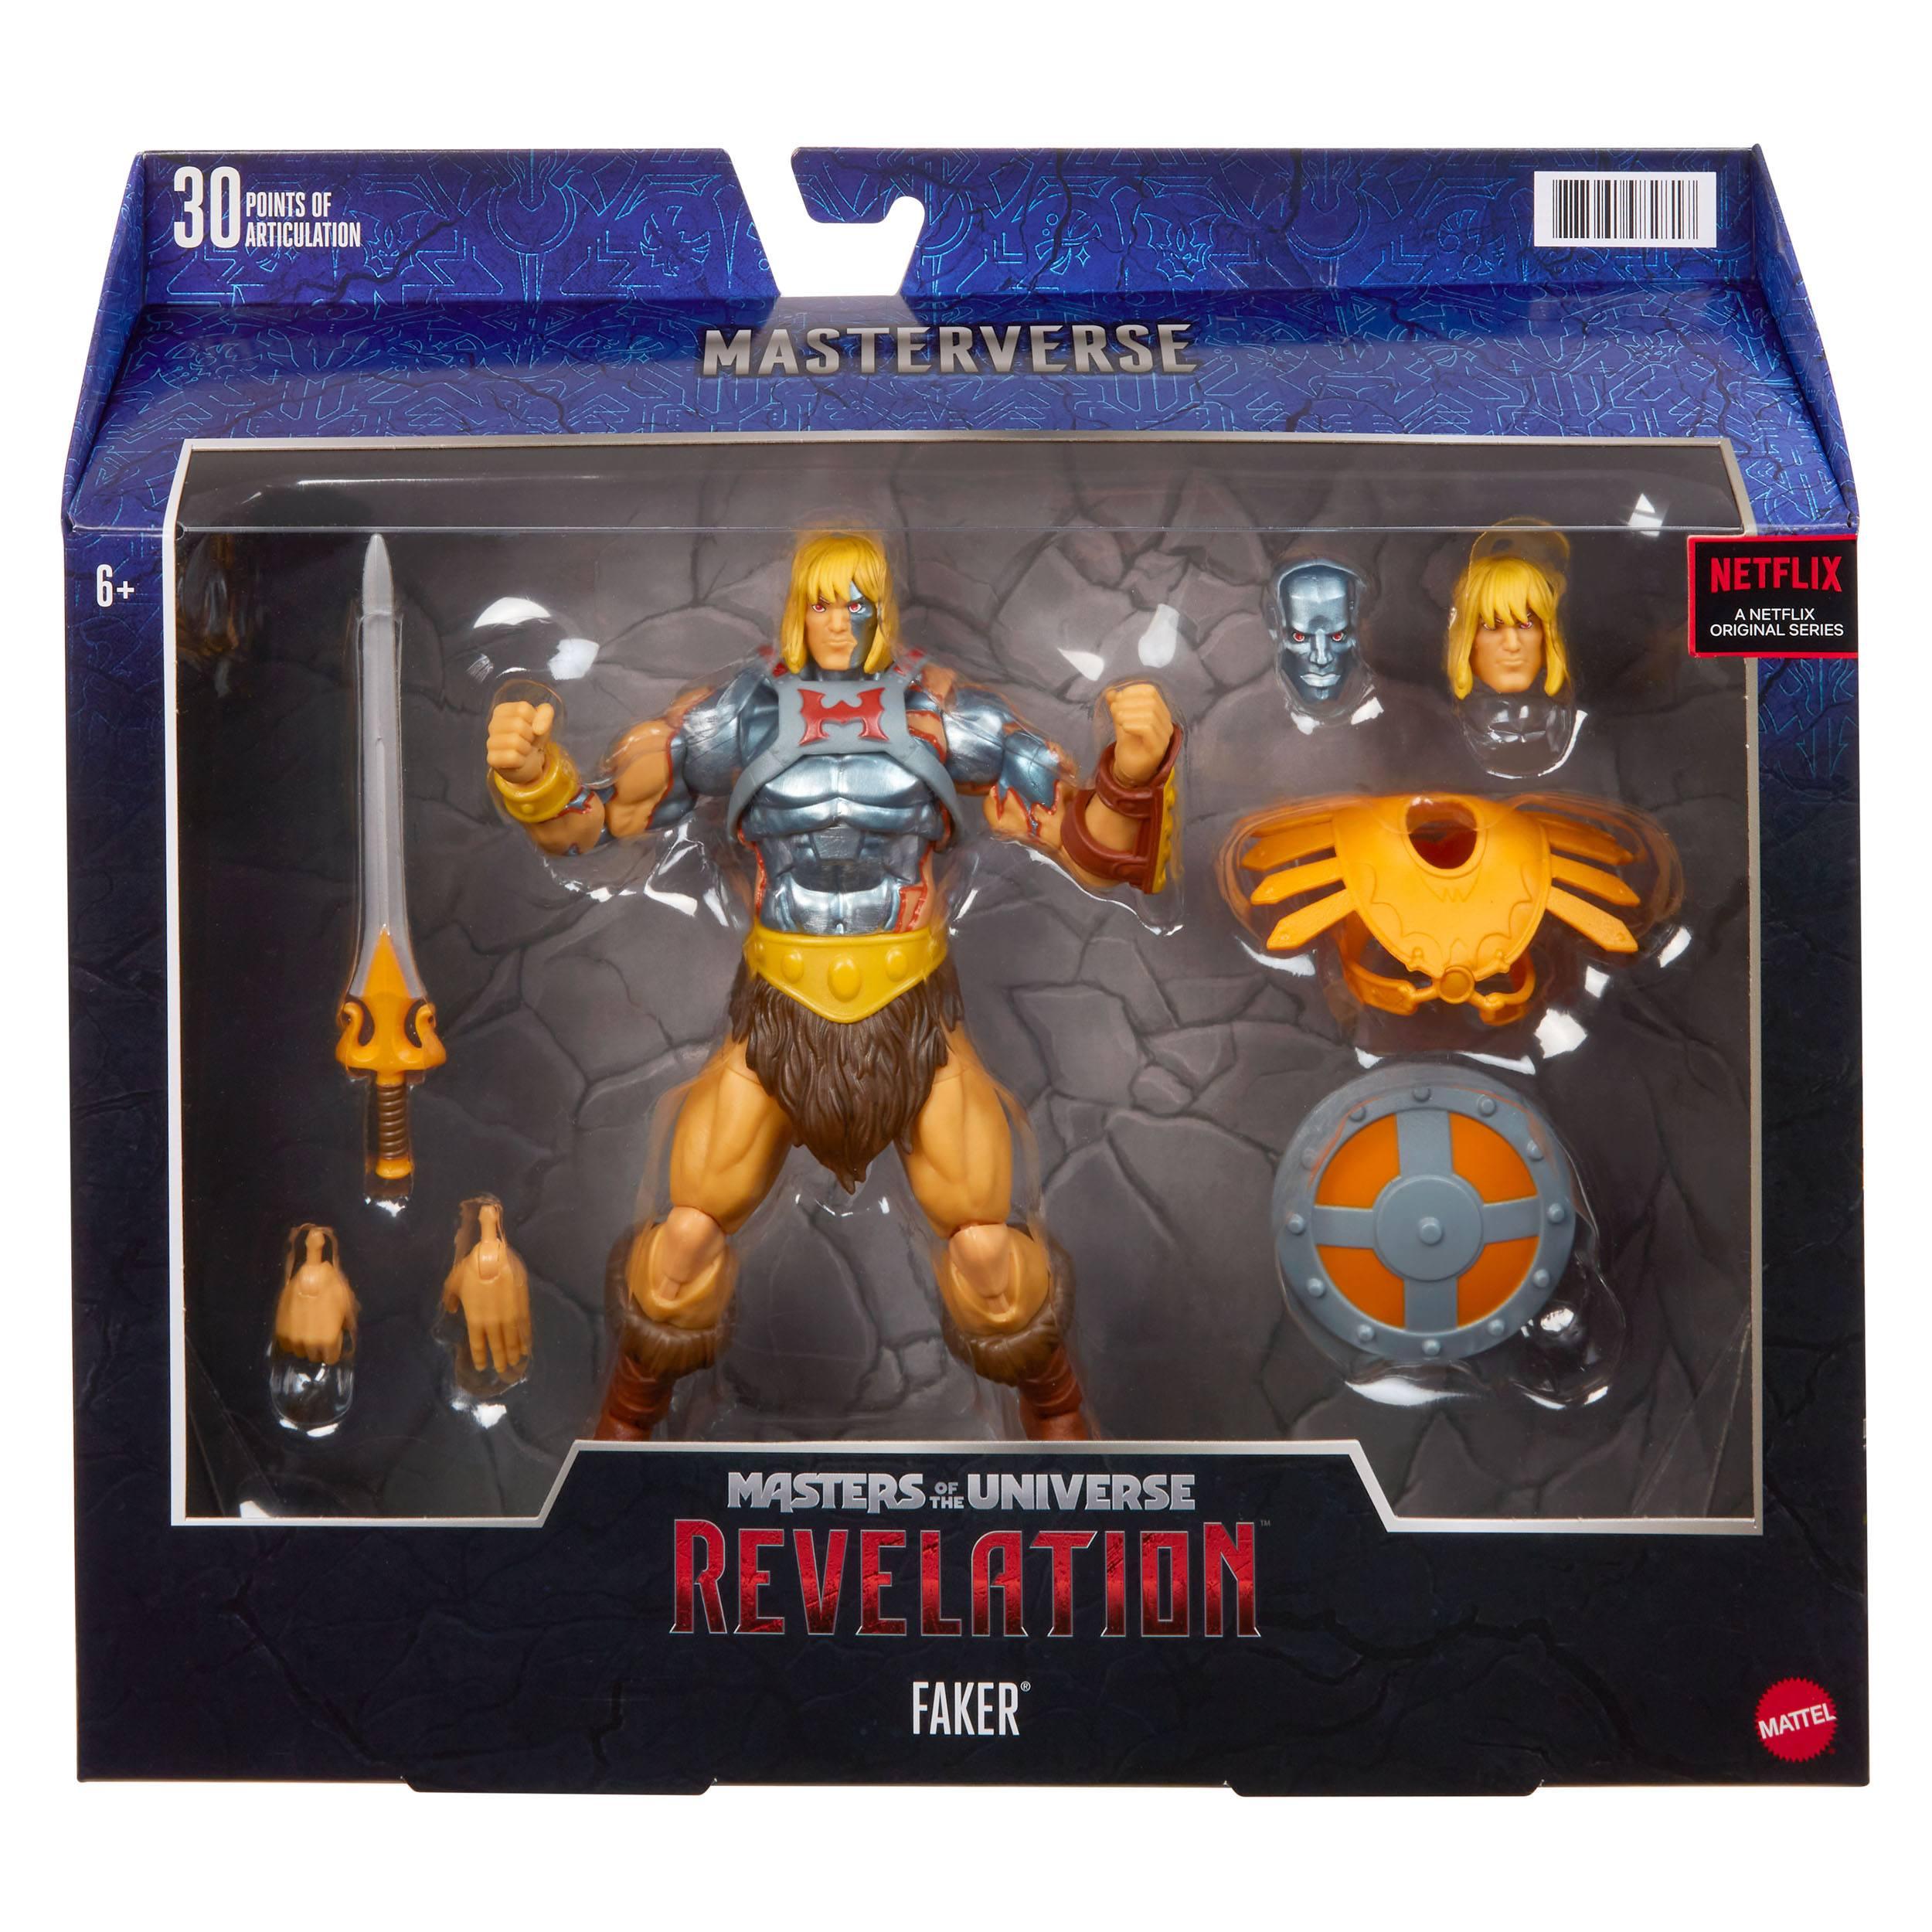 Masters of the Universe: Revelation Masterverse Actionfigur 2021 Faker 18 cm MATTGYY37 0887961982817